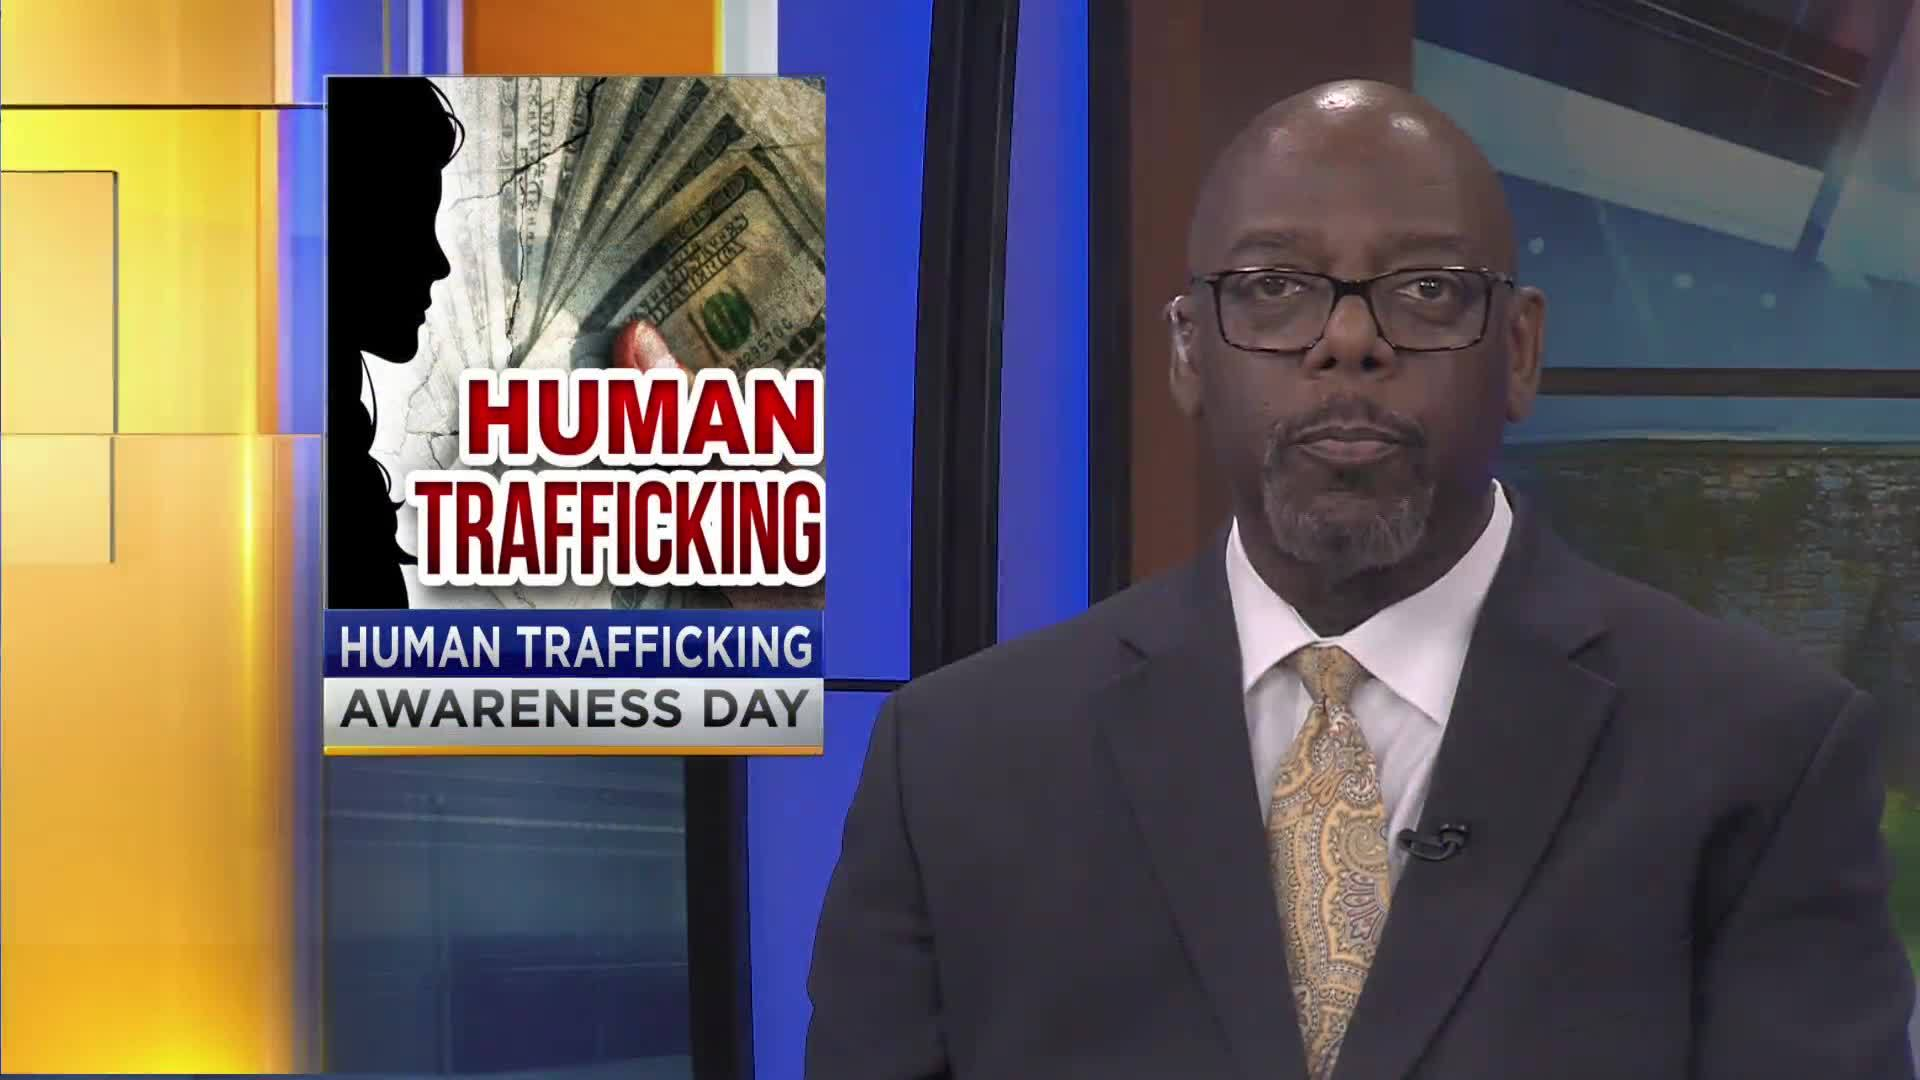 Human_trafficking_2_20190111232348